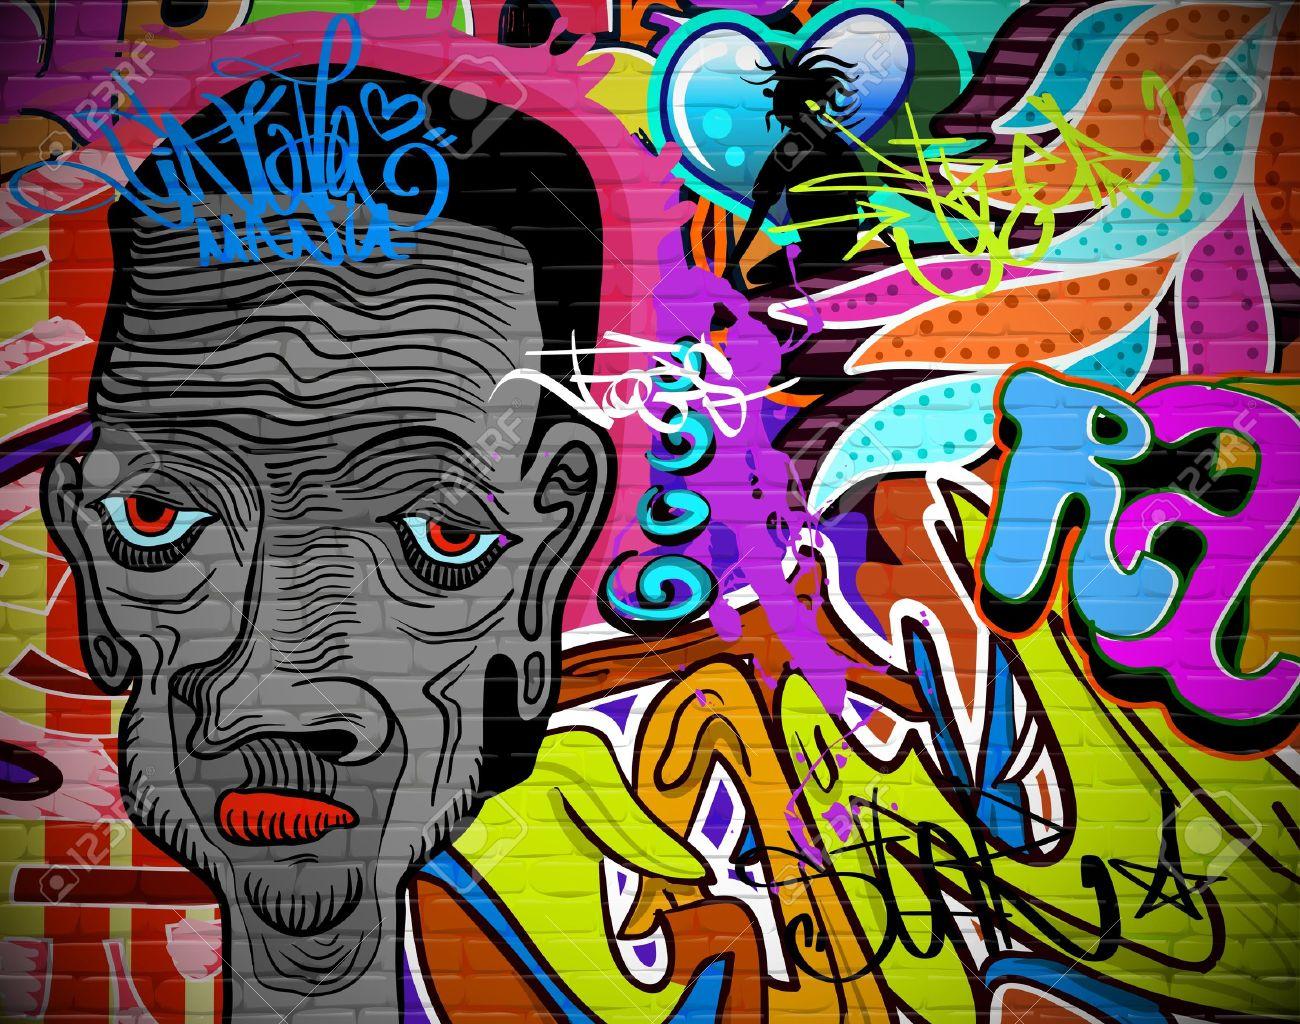 Graffiti Wall Urban Art Background Grunge Hip Hop Artistic Design Stock Vector